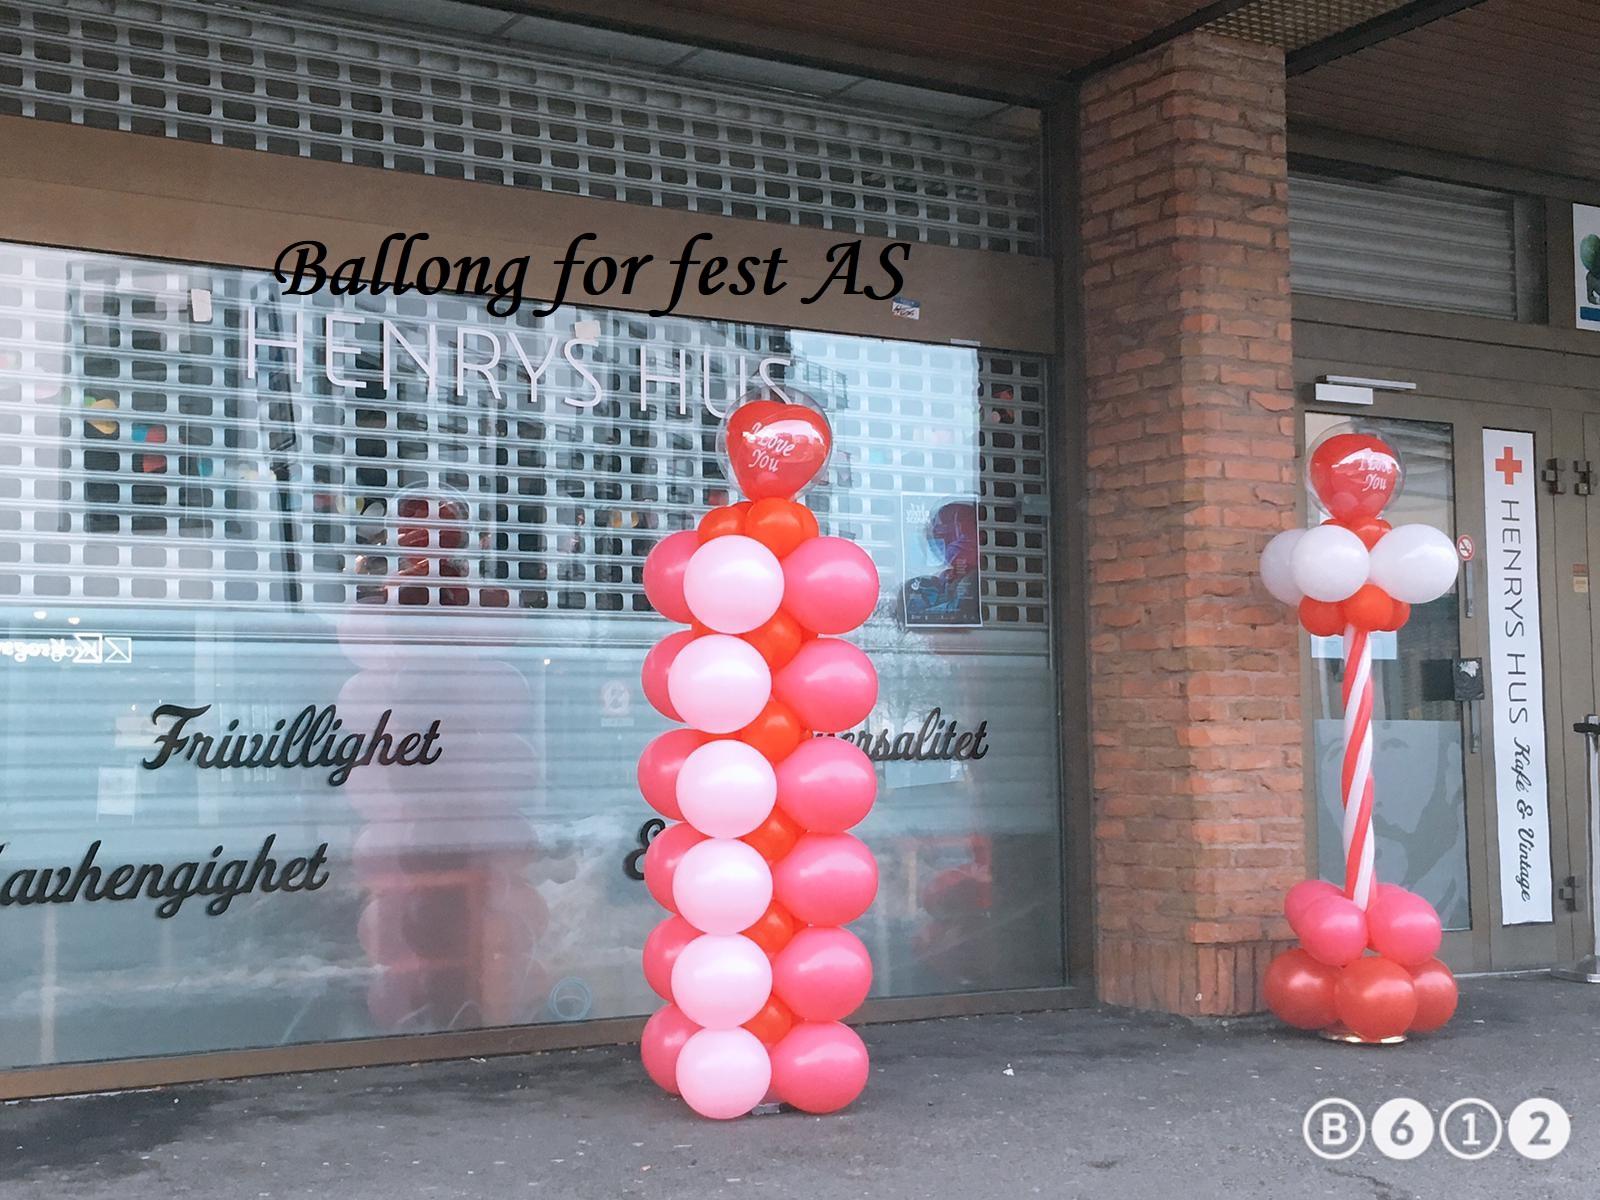 Ballong for fest (7)